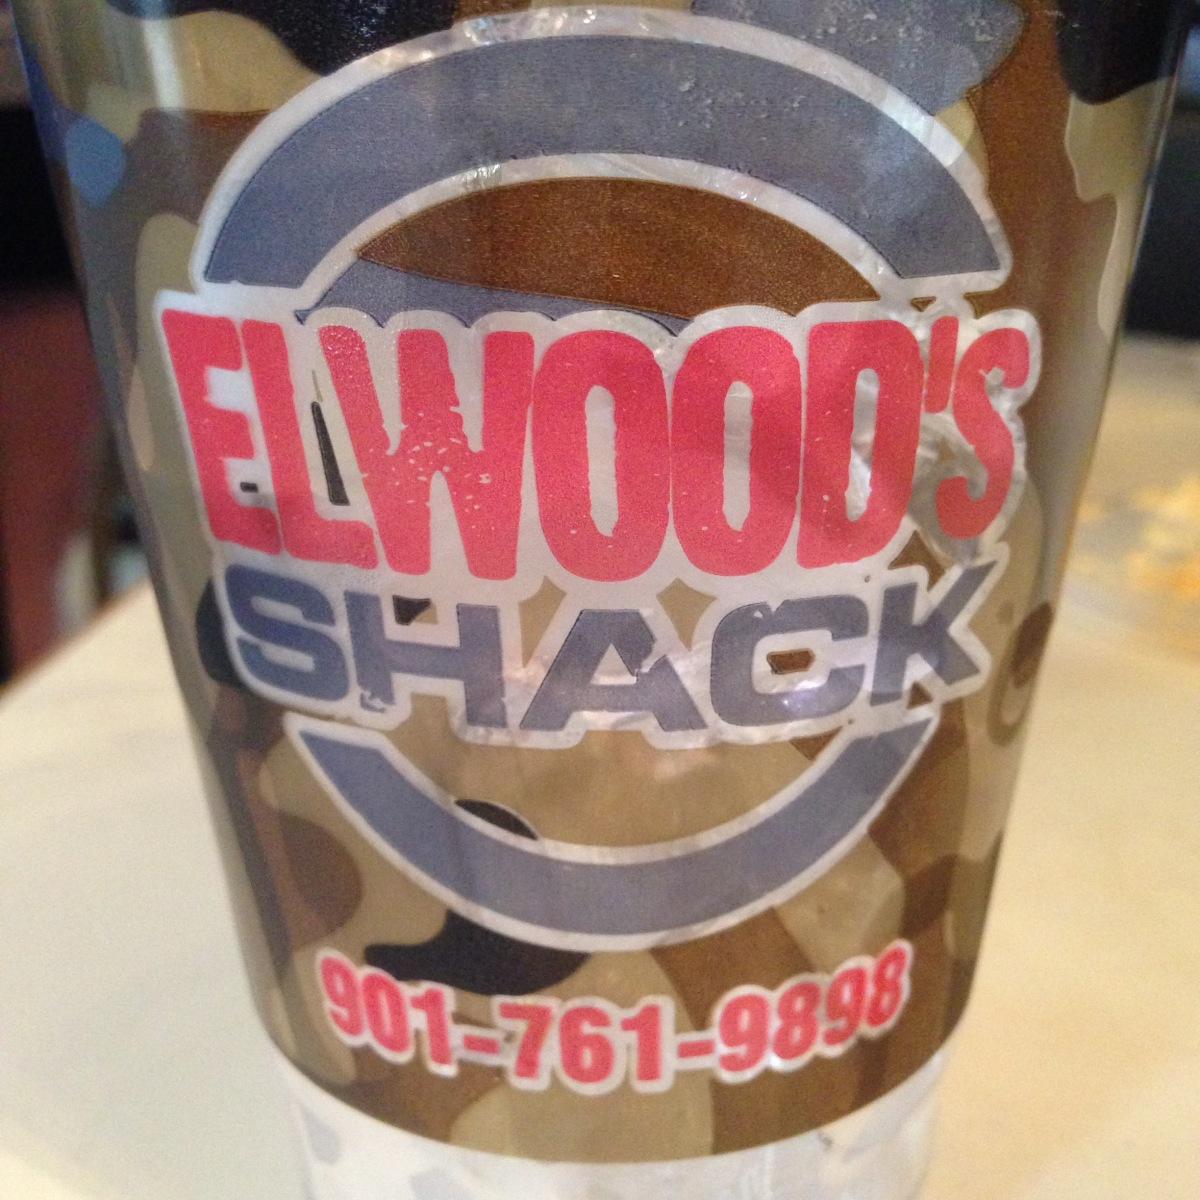 Elwood Shack's Debris Po'boy Sandwich